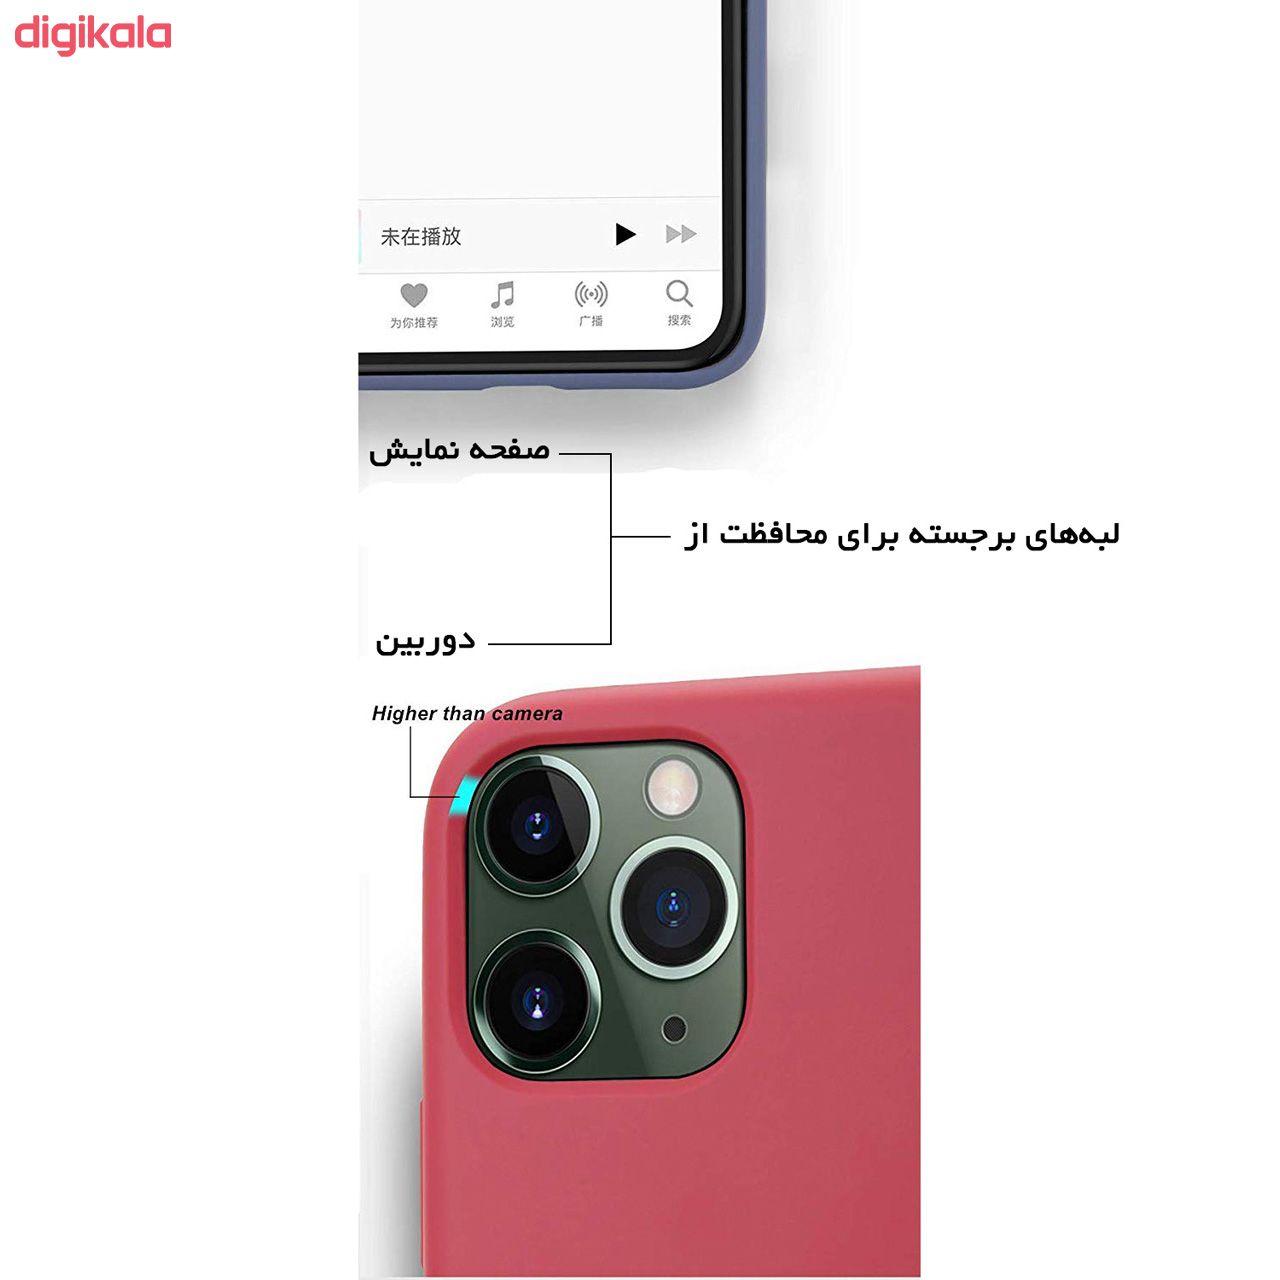 کاور وی کیس مدل Si01 مناسب برای گوشی موبایل اپل iPhone 11 Pro main 1 6